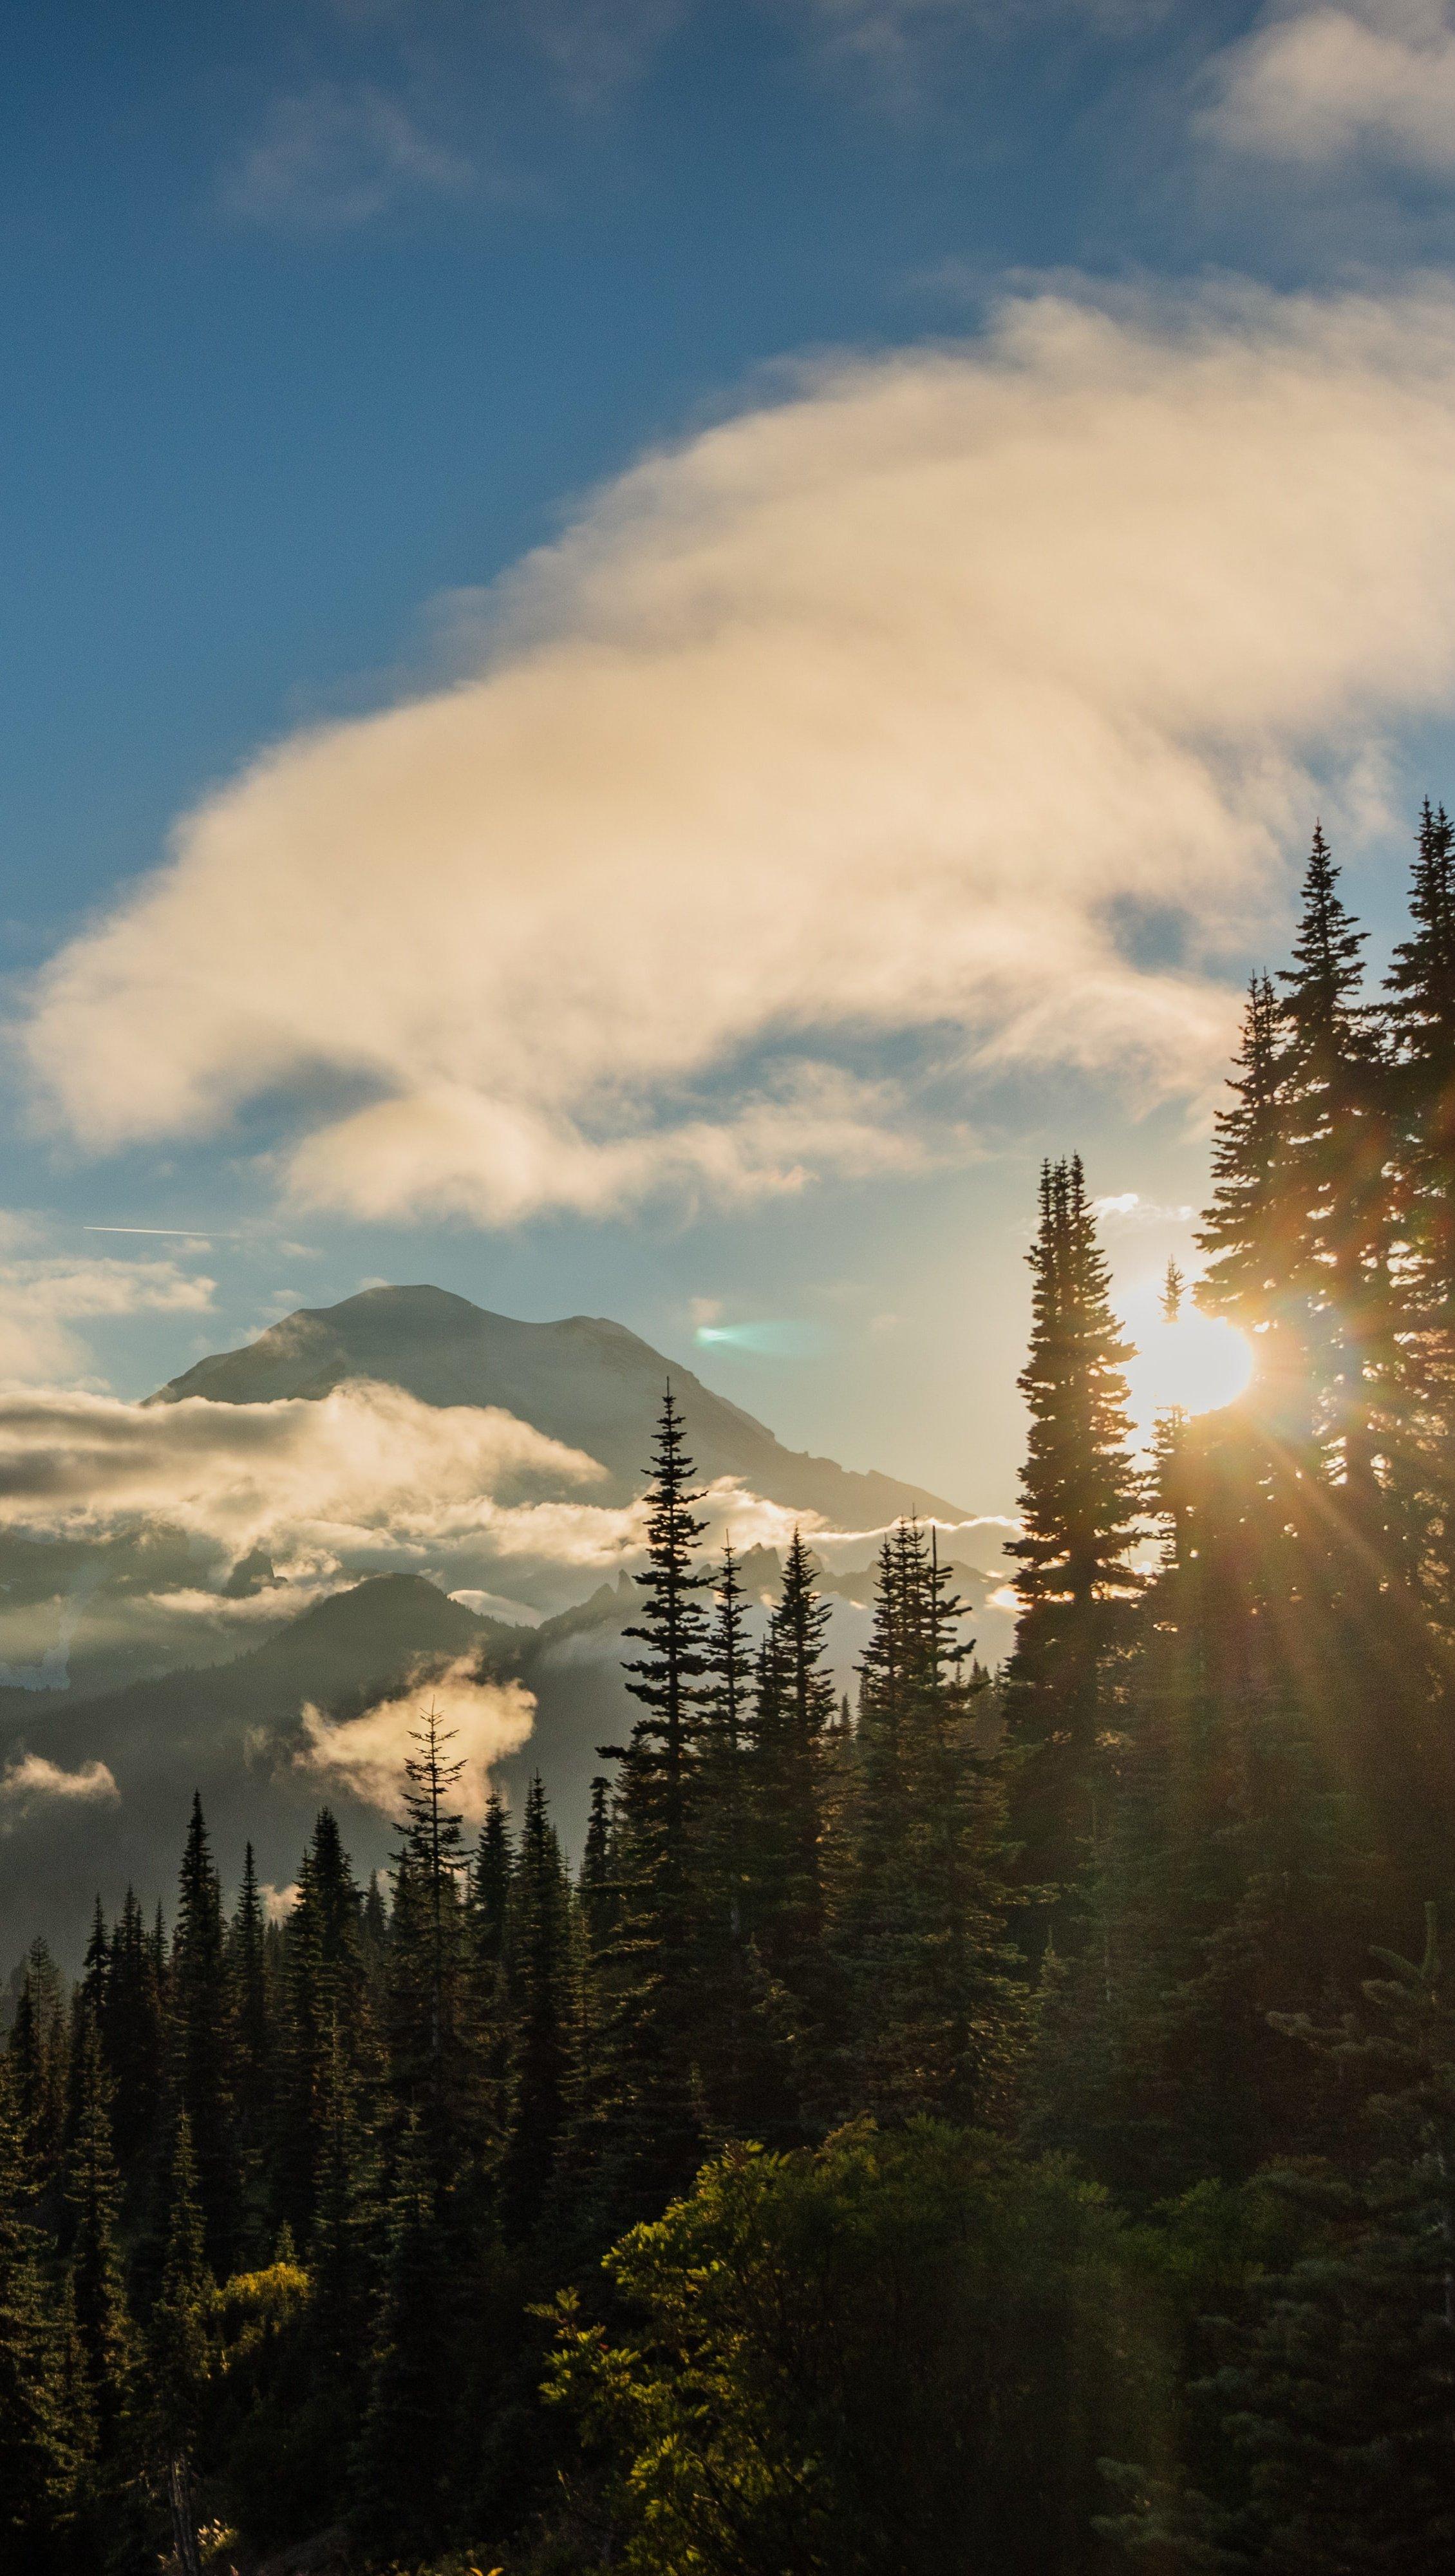 Fondos de pantalla Amanecer en el bosque con montañas Vertical